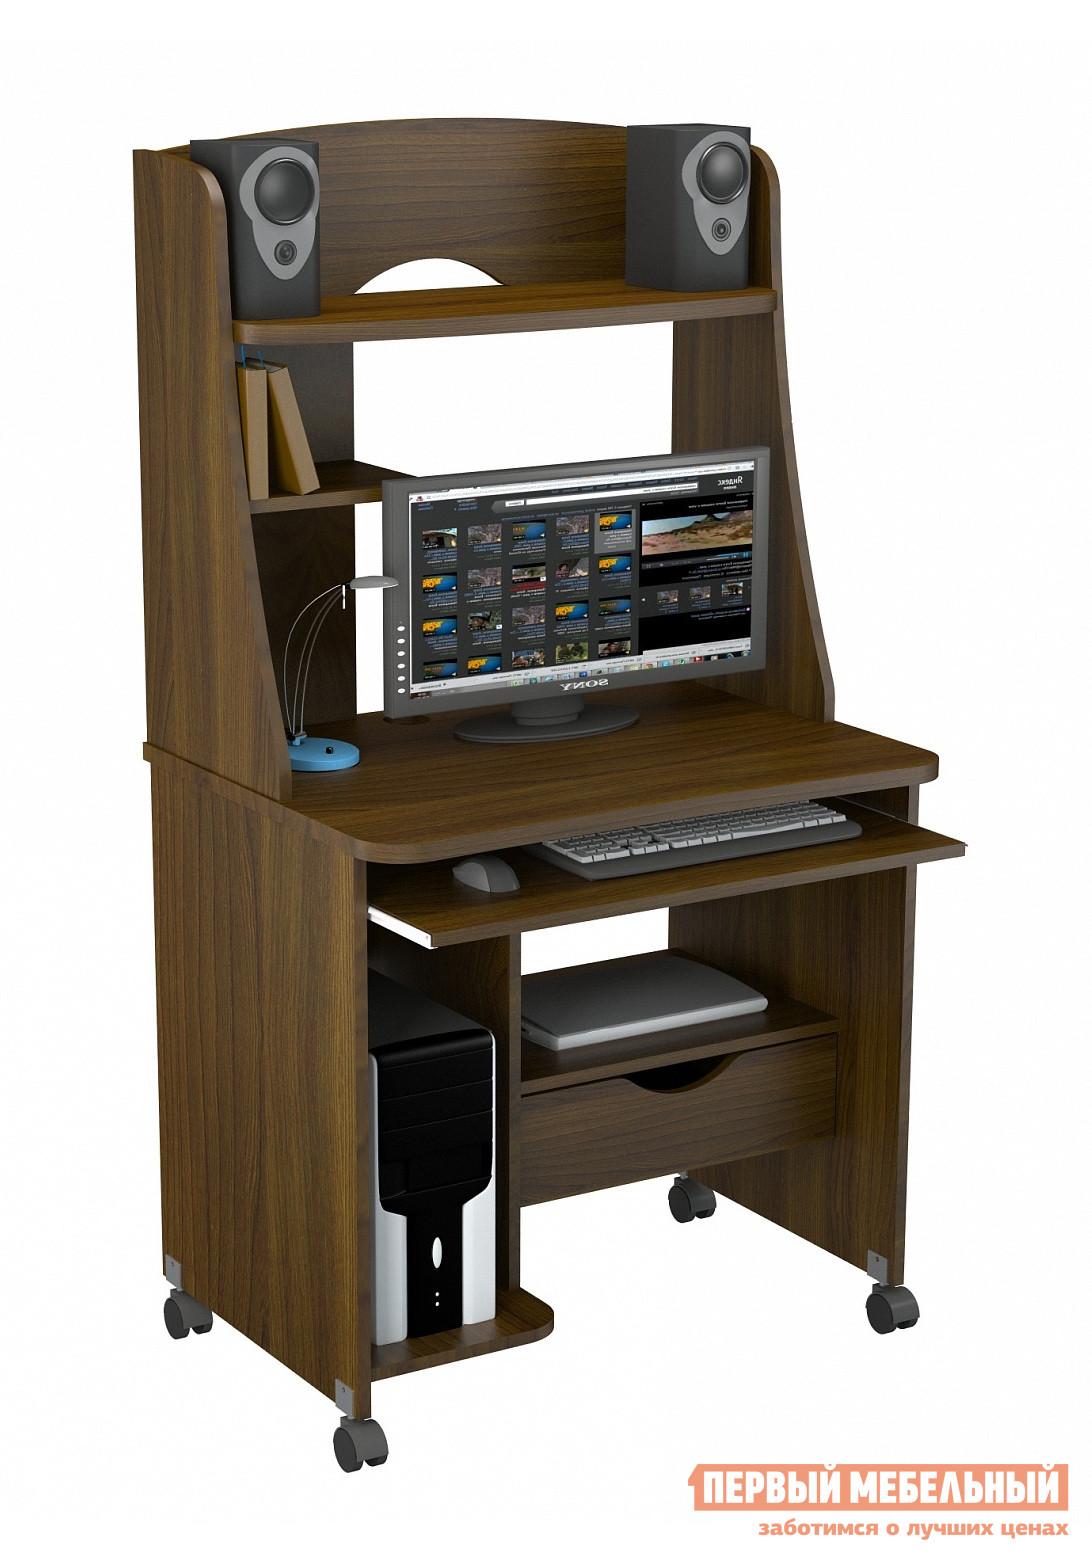 Компьютерный стол ВасКо КС 20-22 м2 Орех Валенсия